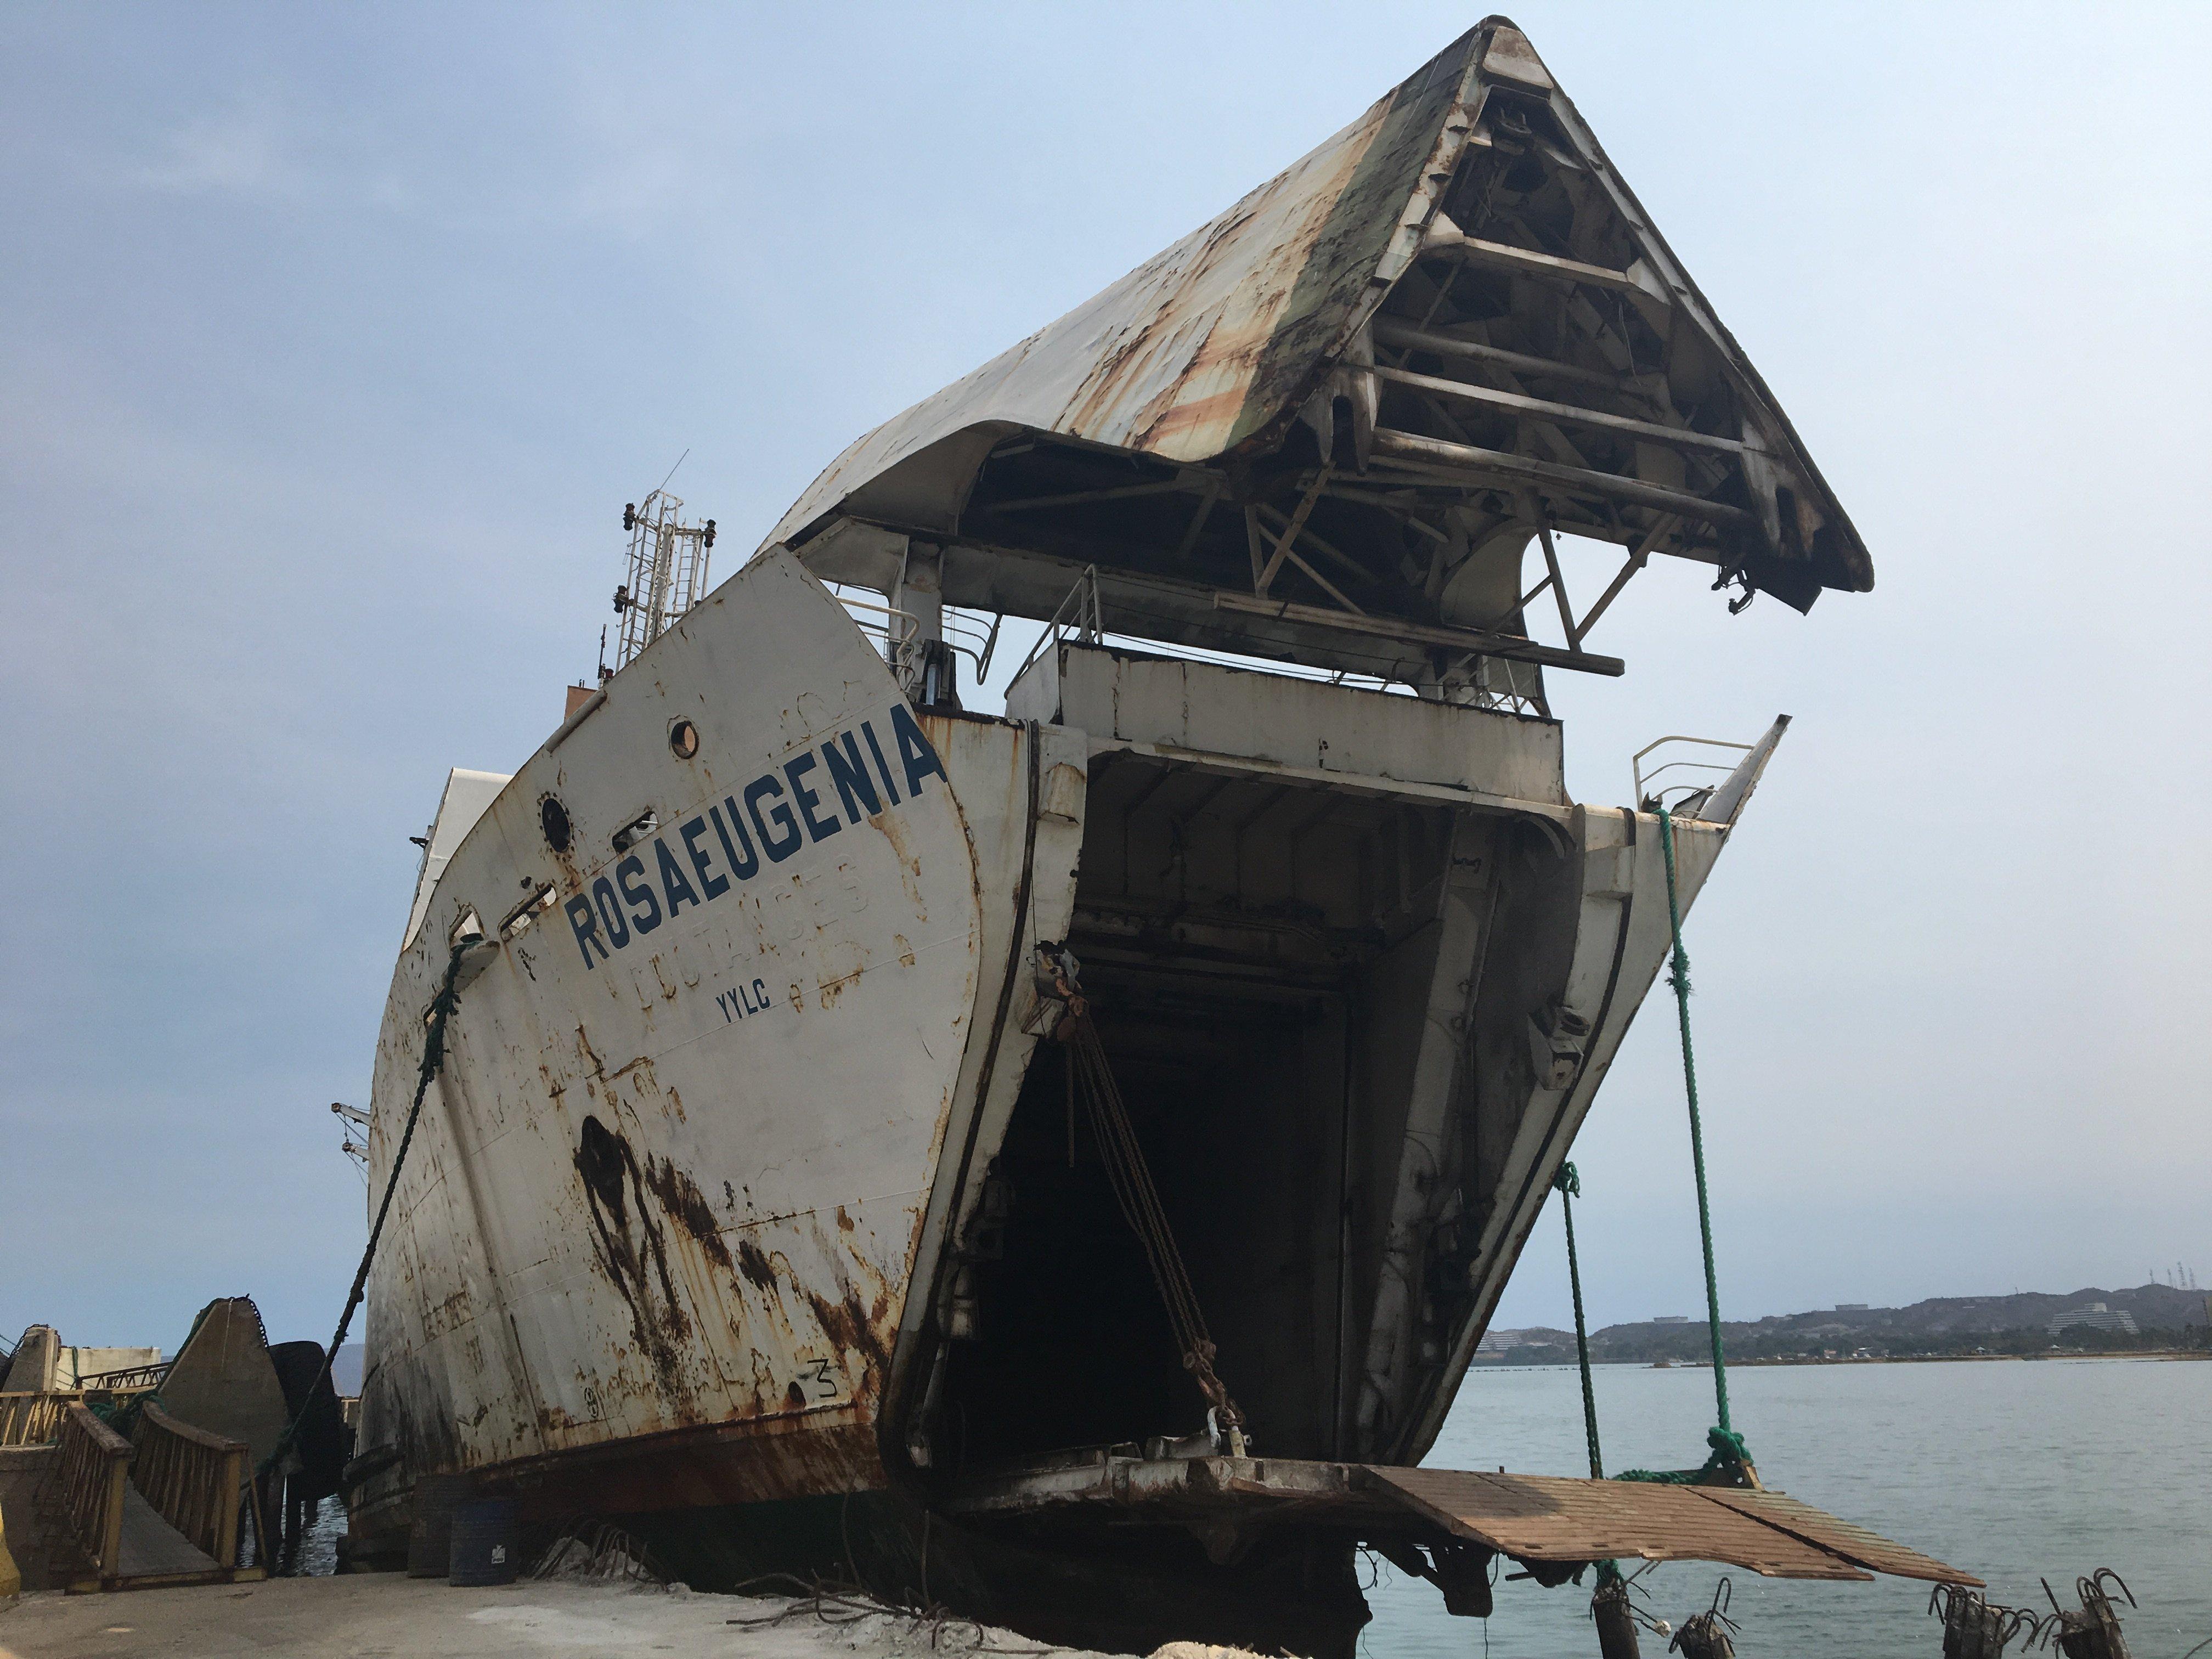 La popa del Rosa Eugenia ya ha tocado fondo. El abandono de estos barcos supone un grave riesgo medioambiental. GUILLERMO OLMO